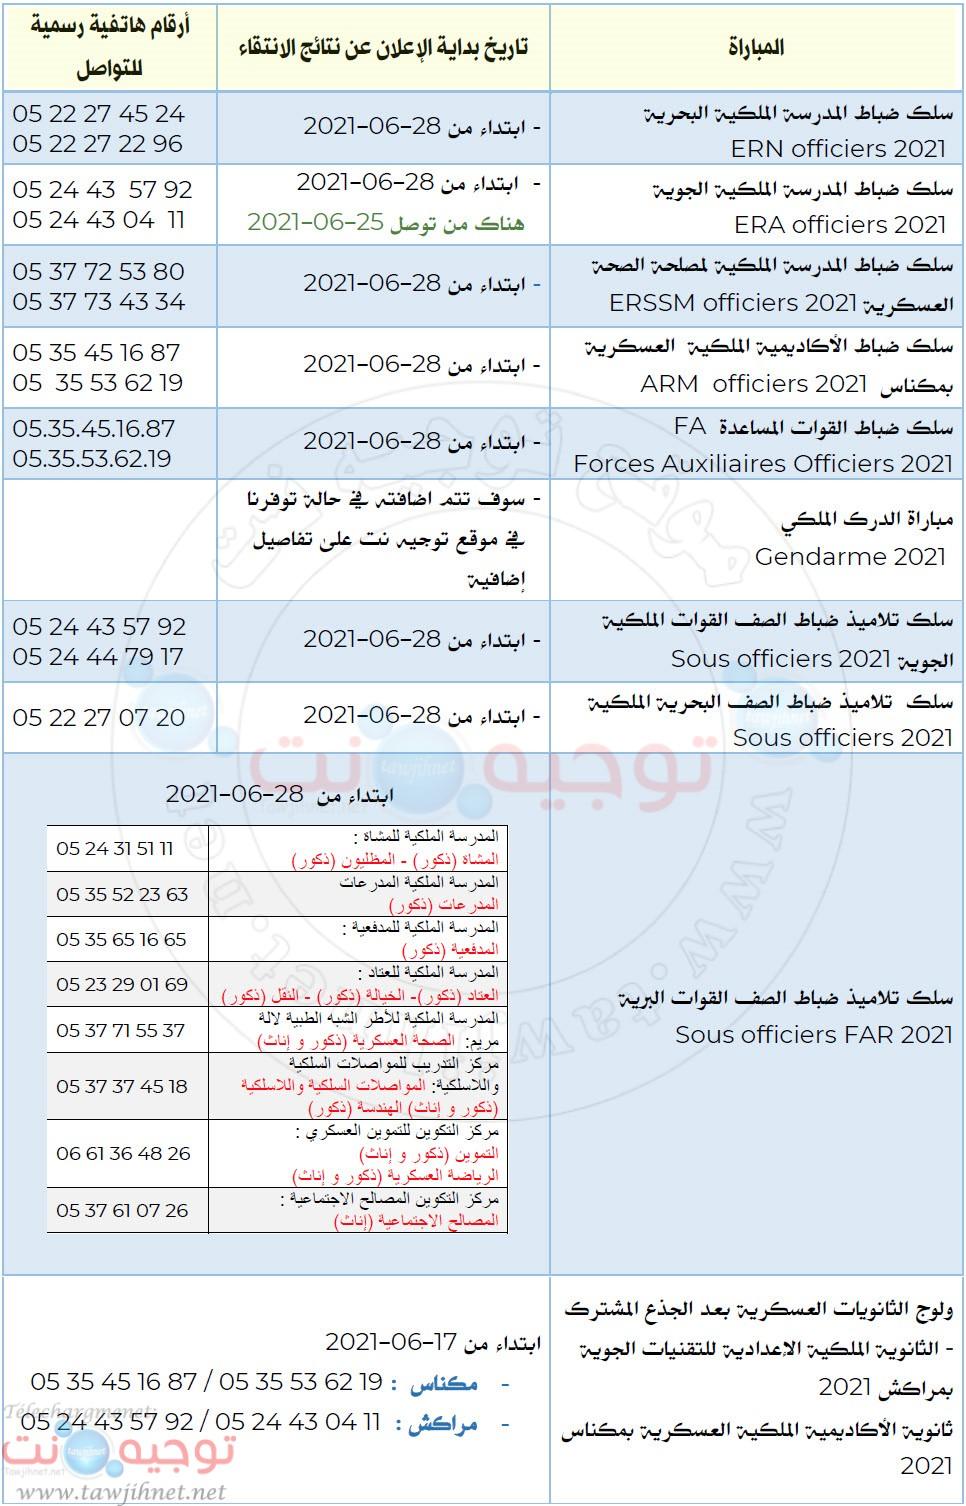 calendrier-convocation-concours-militaire-arm-erssm-era-ern-forces-auxilaire-far-officiers-sou...jpg